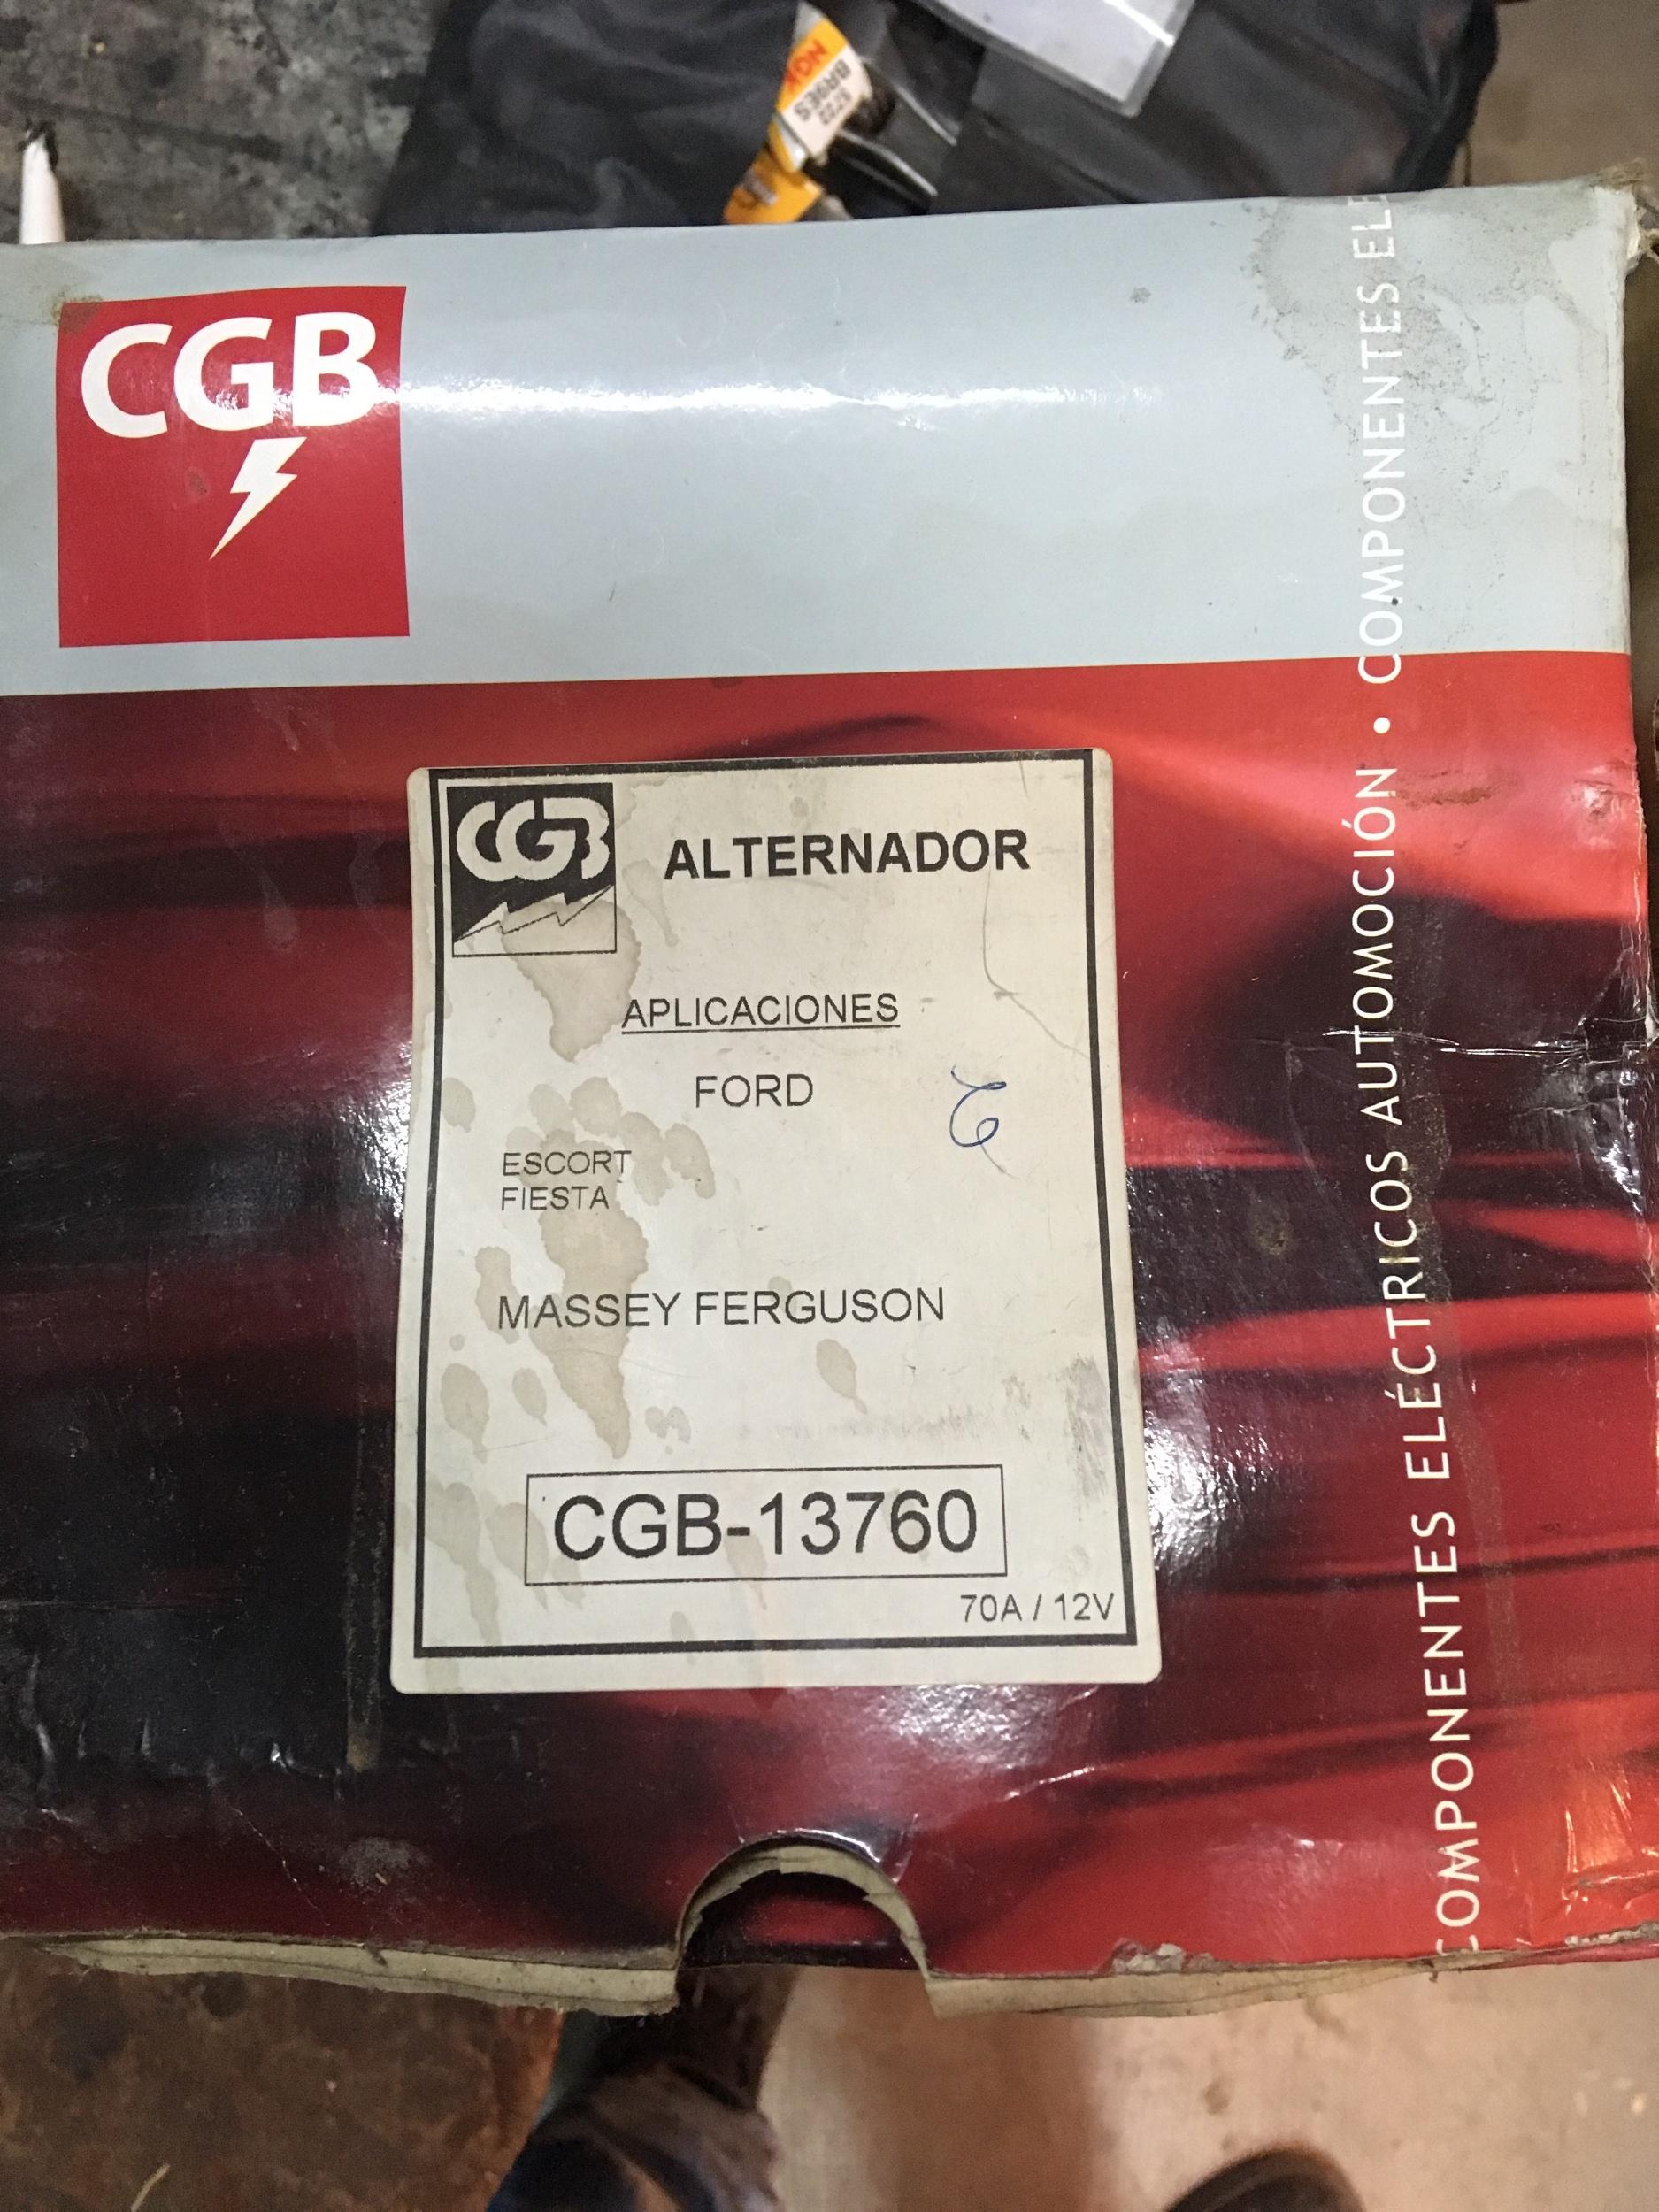 6C458D59-AB5D-4BB1-B4FE-6411A342FBE7.jpeg